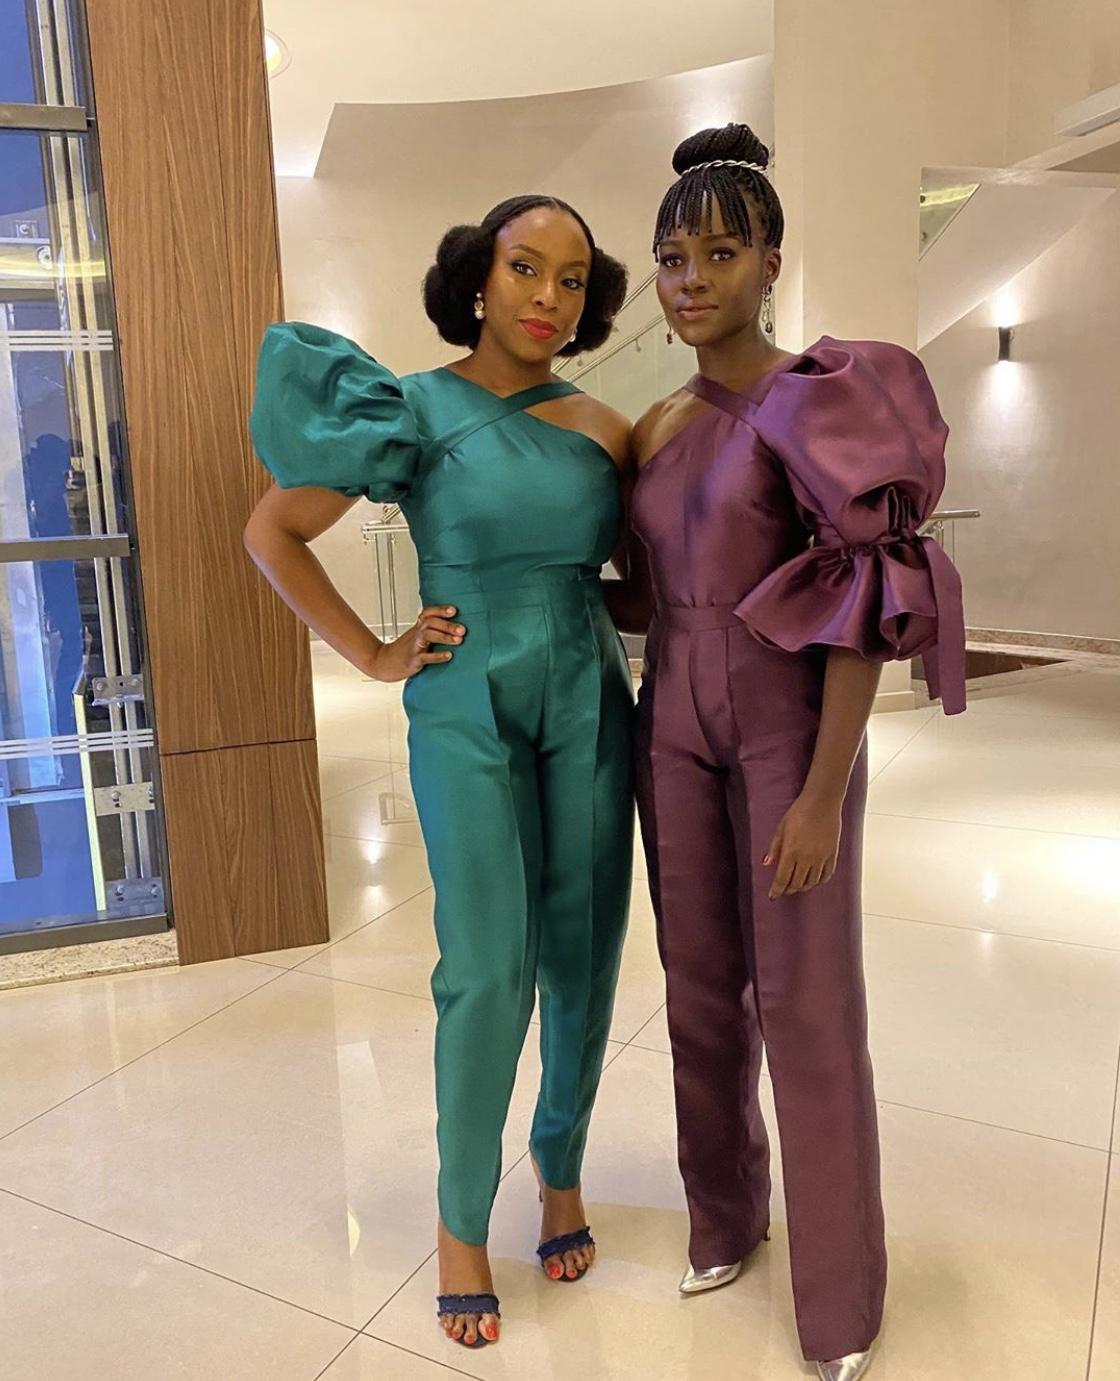 Chimmamanda-Adichie-birthday-outfits